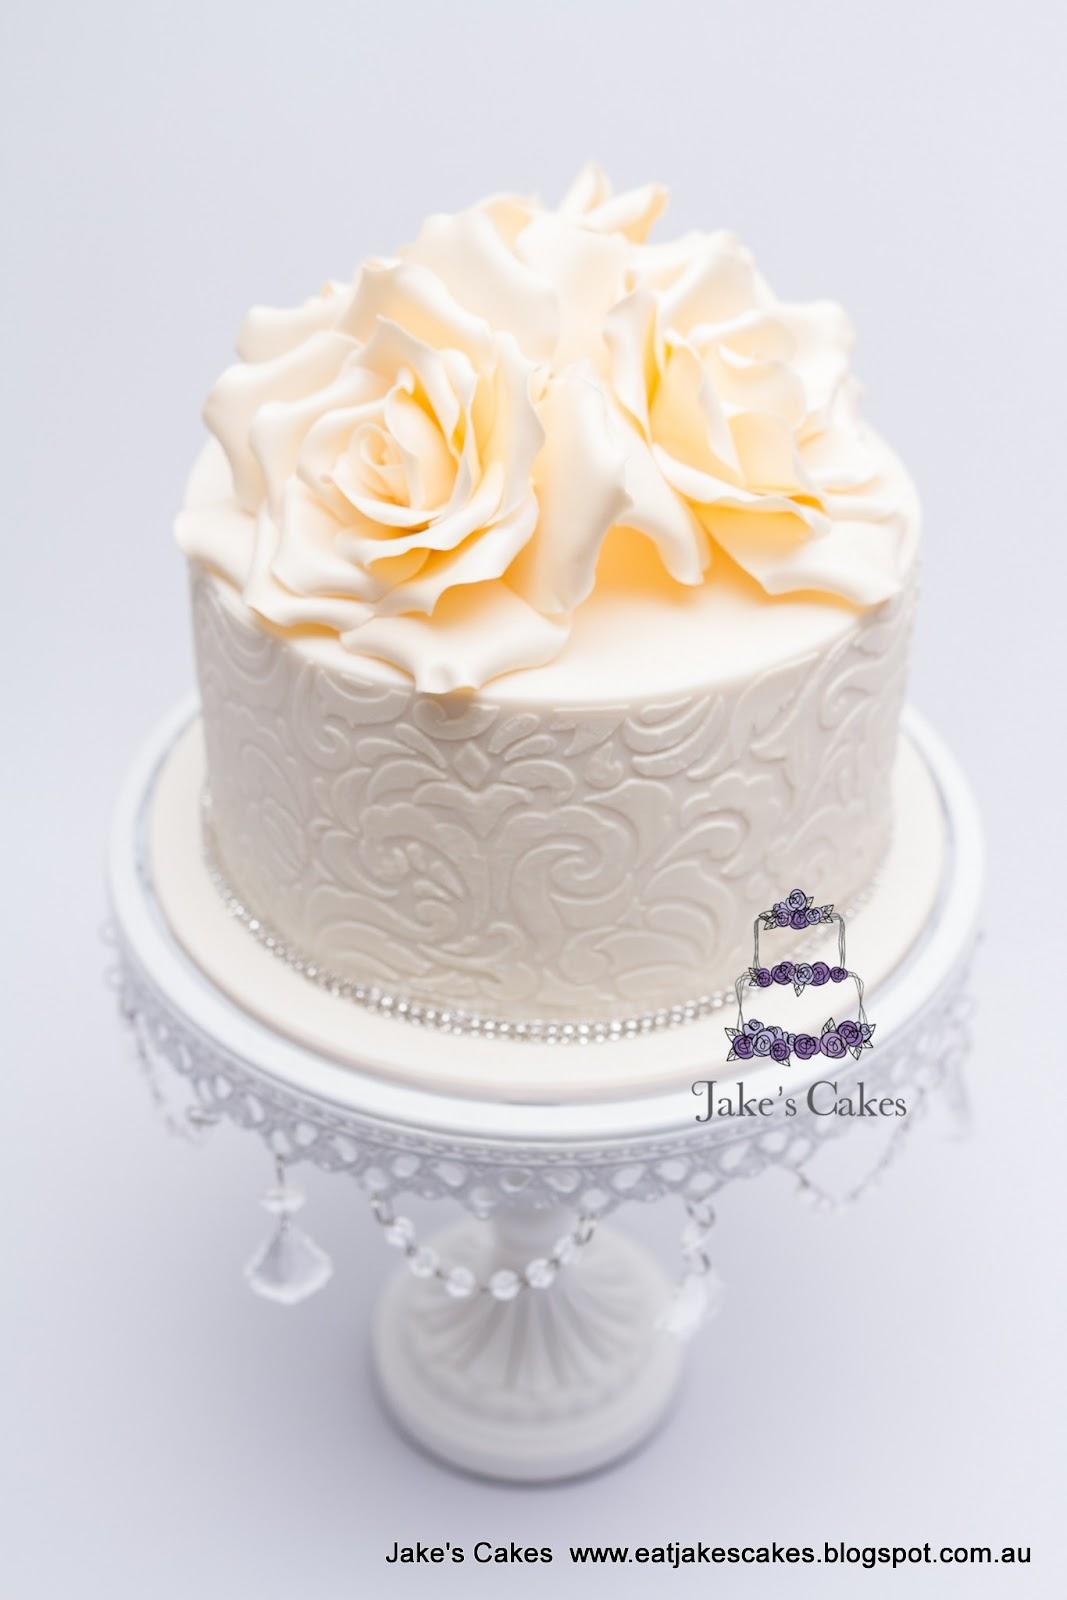 Jakes Cakes Ivory Rose Birthday Cake